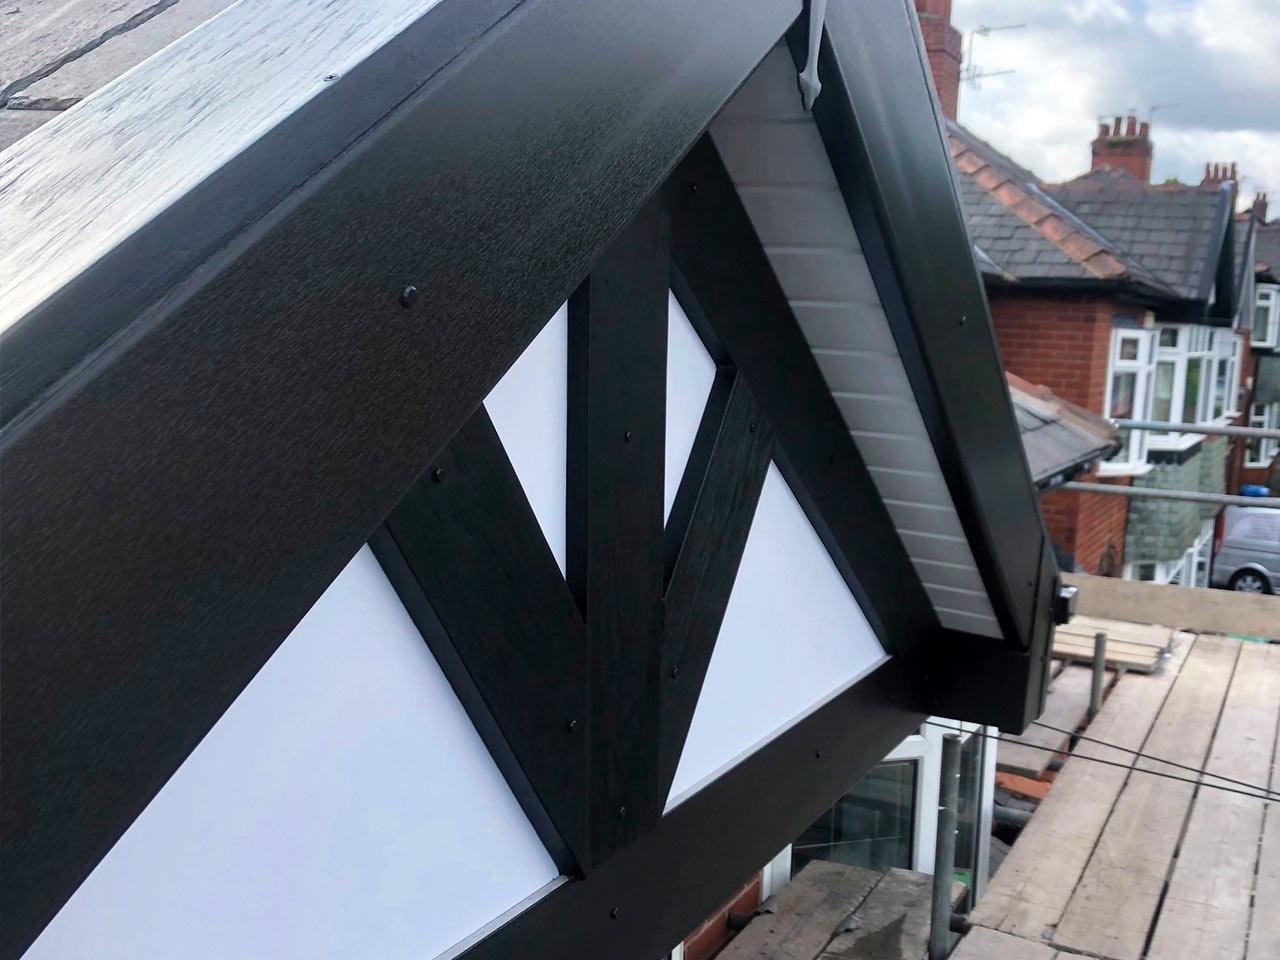 uPVC Guttering & Fascias - TM Roofing Services in Rochdale